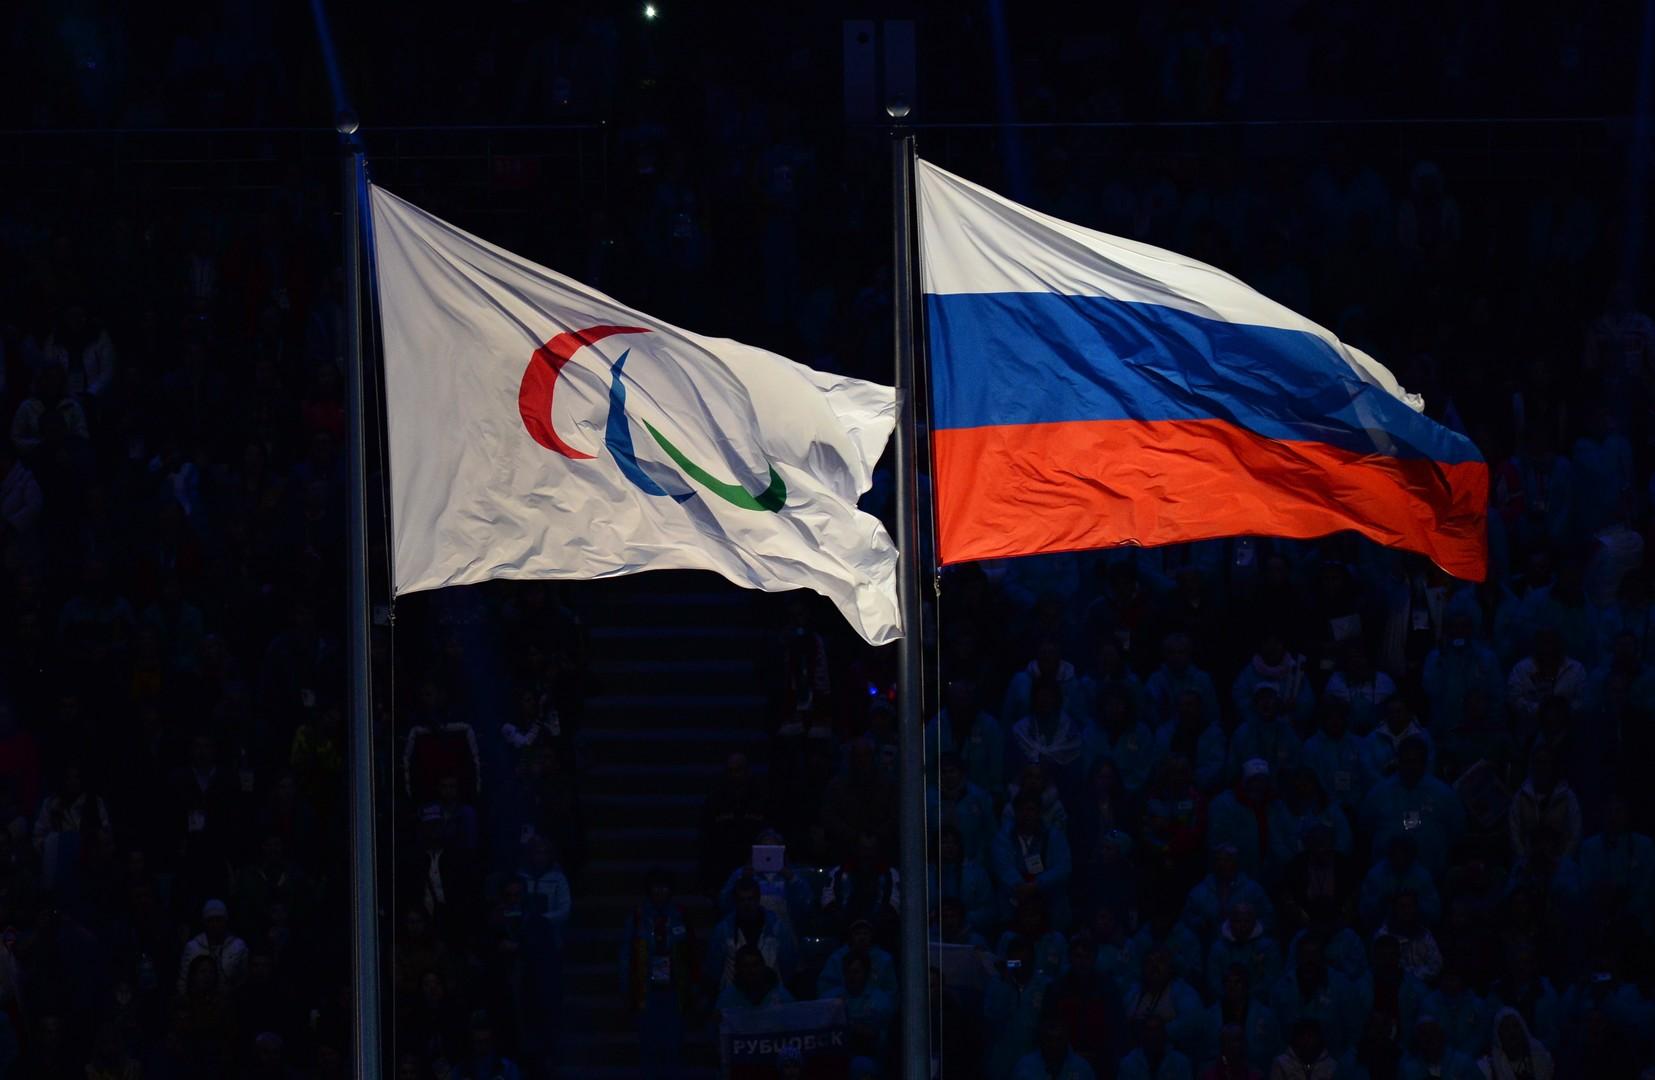 Российские паралимпийцы рискуют пропустить Паралимпиаду 2018 года